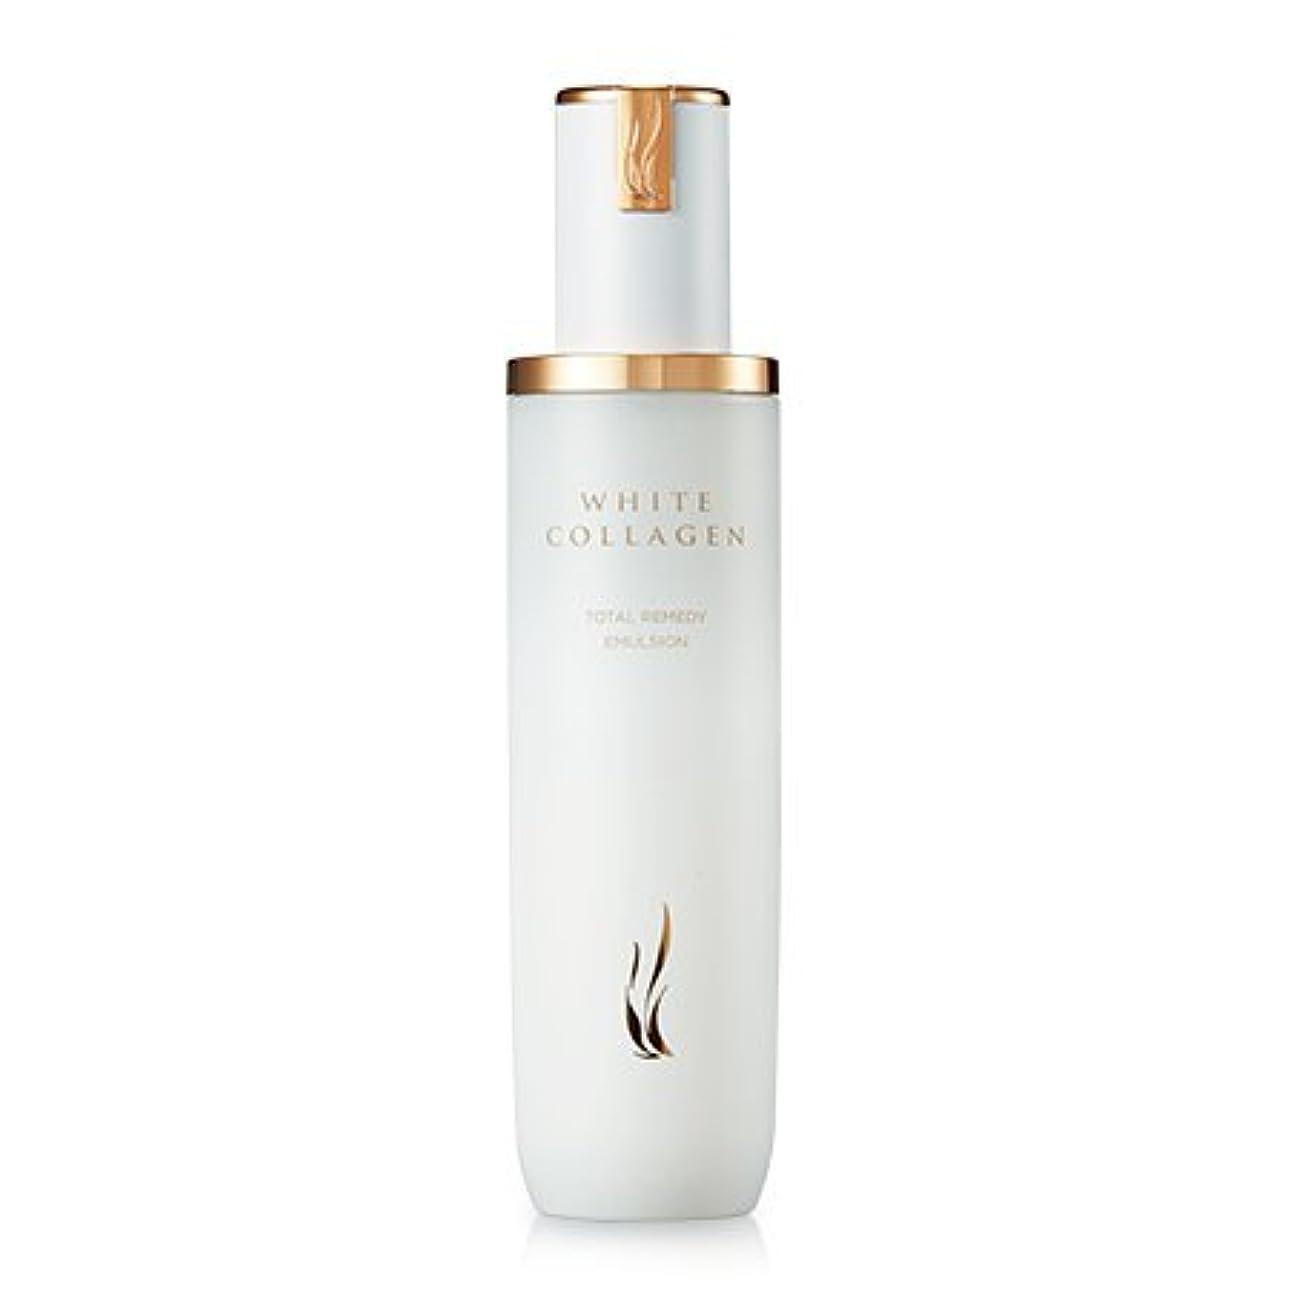 感嘆探検のために[New] A.H.C (AHC) White Collagen Total Remedy Emulsion 130ml/A.H.C ホワイト コラーゲン トータル レミディ エマルジョン 130ml [並行輸入品]